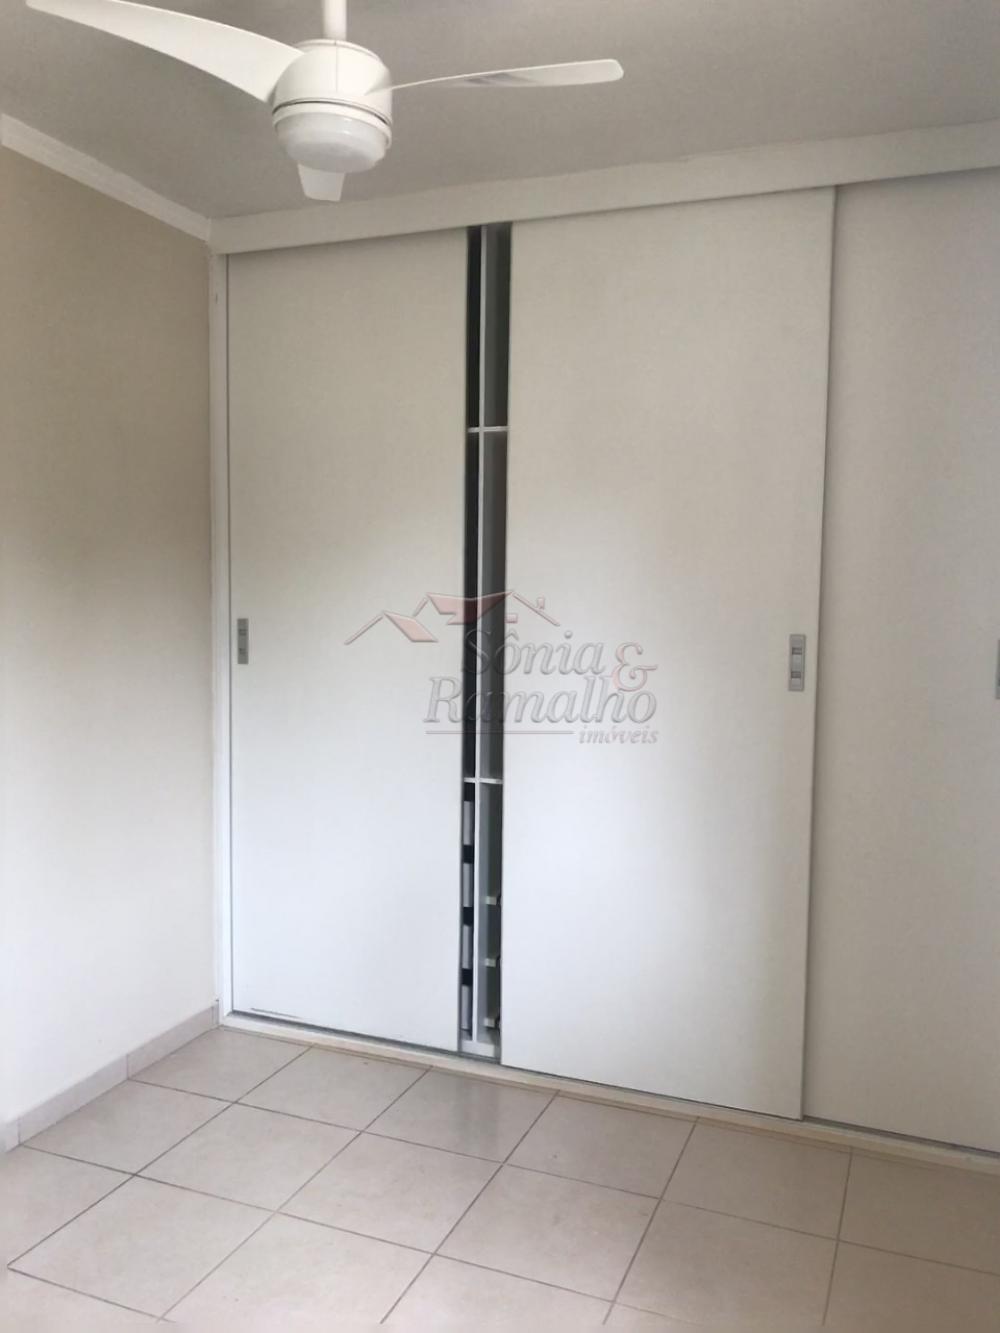 Comprar Apartamentos / Padrão em Ribeirão Preto apenas R$ 280.000,00 - Foto 17